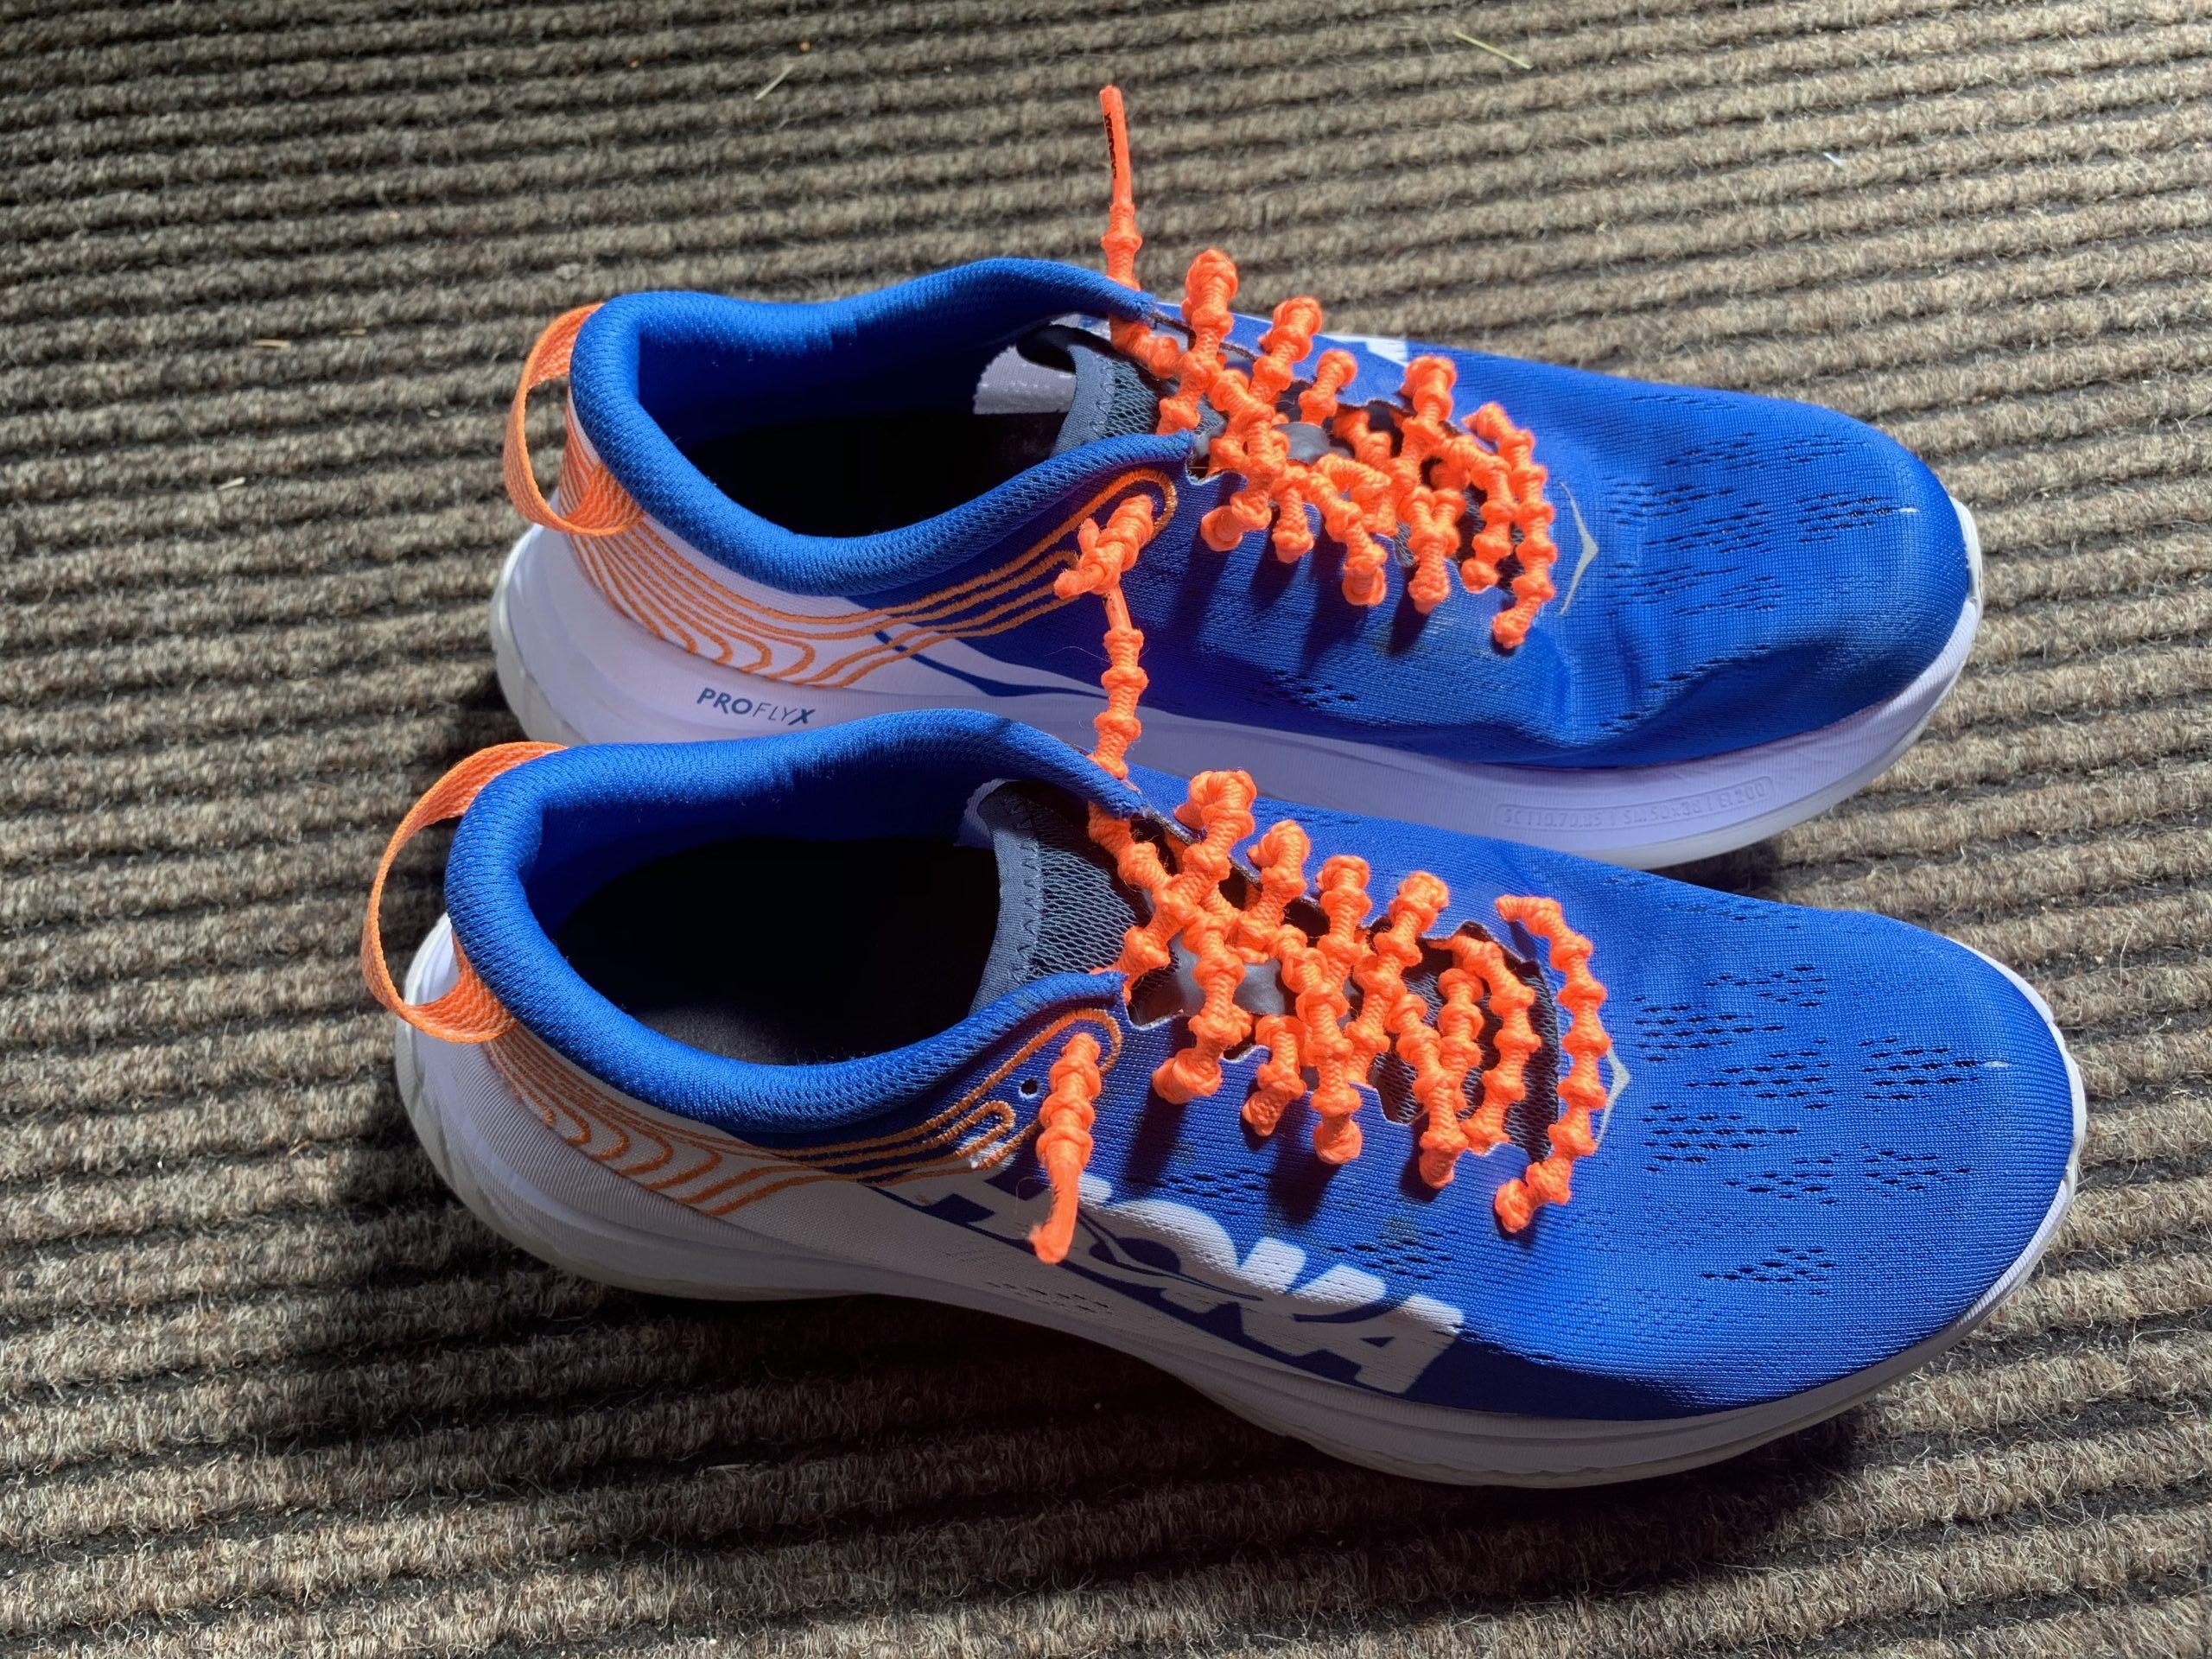 Xtenex laces - problem solved!